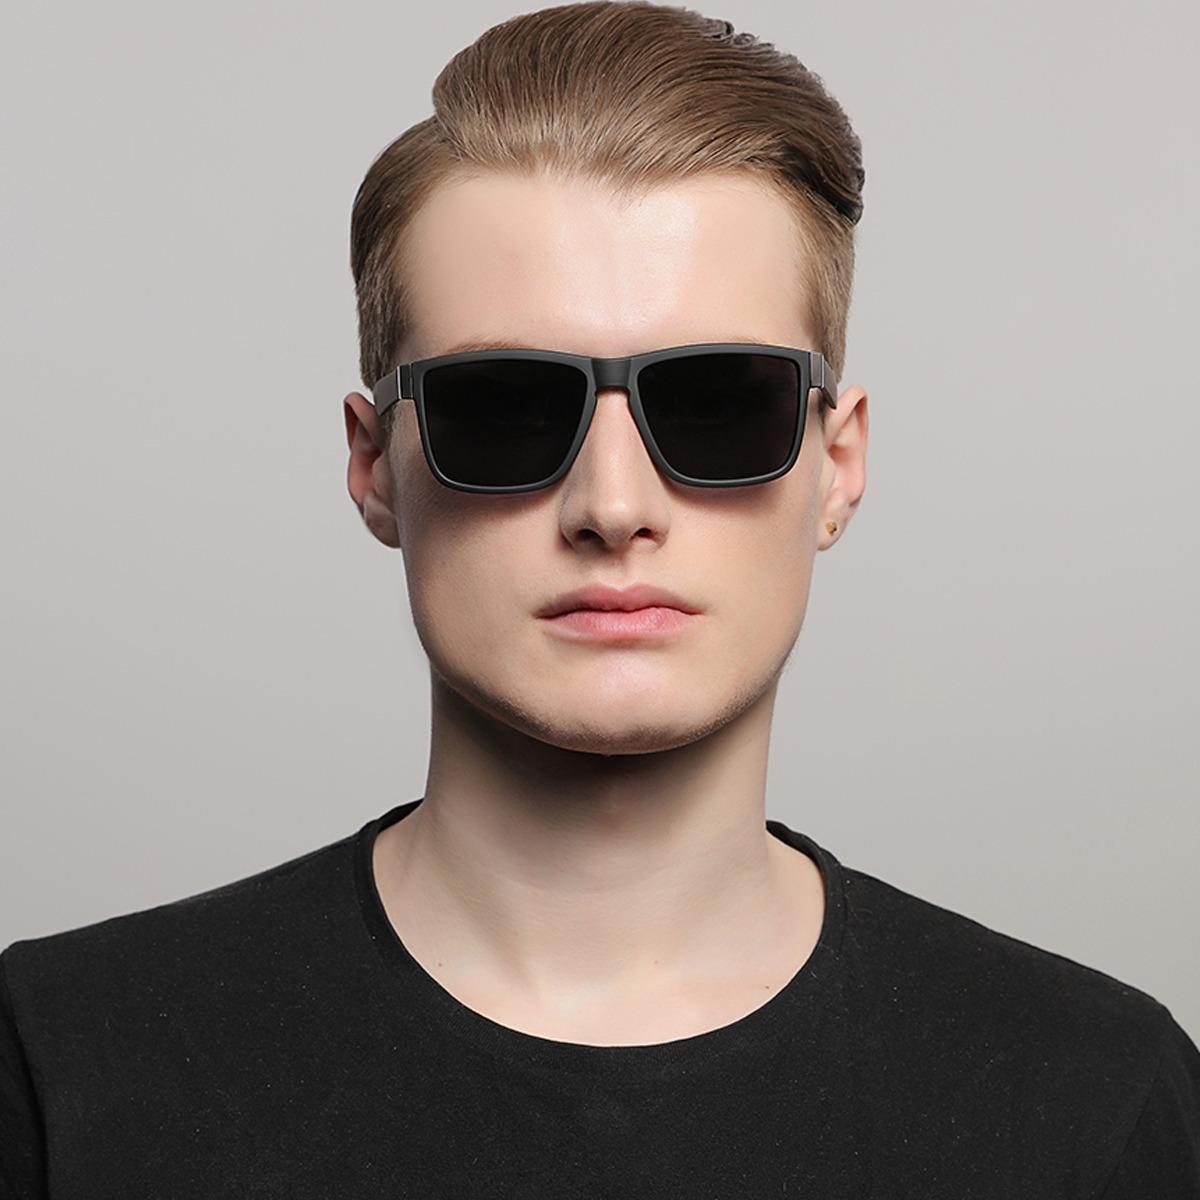 e684b7535 óculos sol masculino espelhado 2020 vintage oculos masculino. Carregando  zoom.